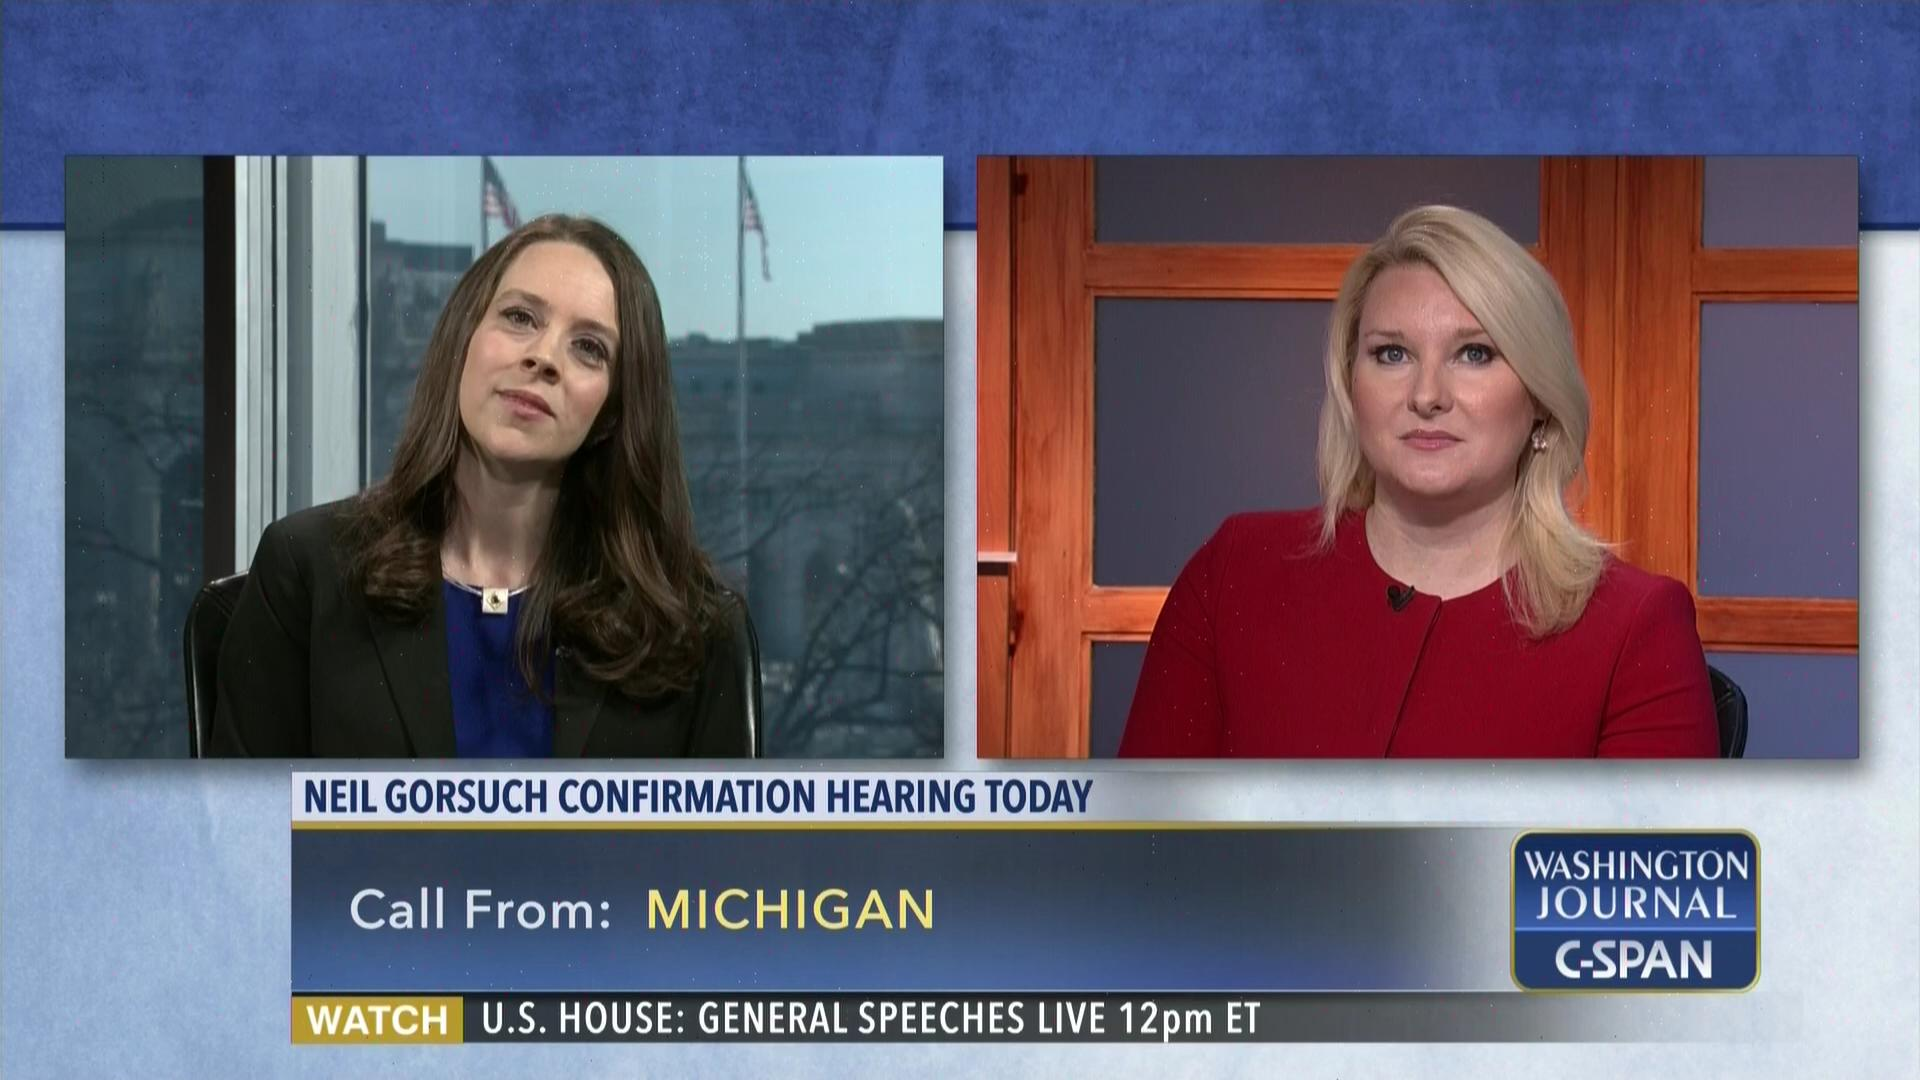 Washington Journal Elizabeth Wydra Carrie Severino Discuss Supreme Court  Nominee